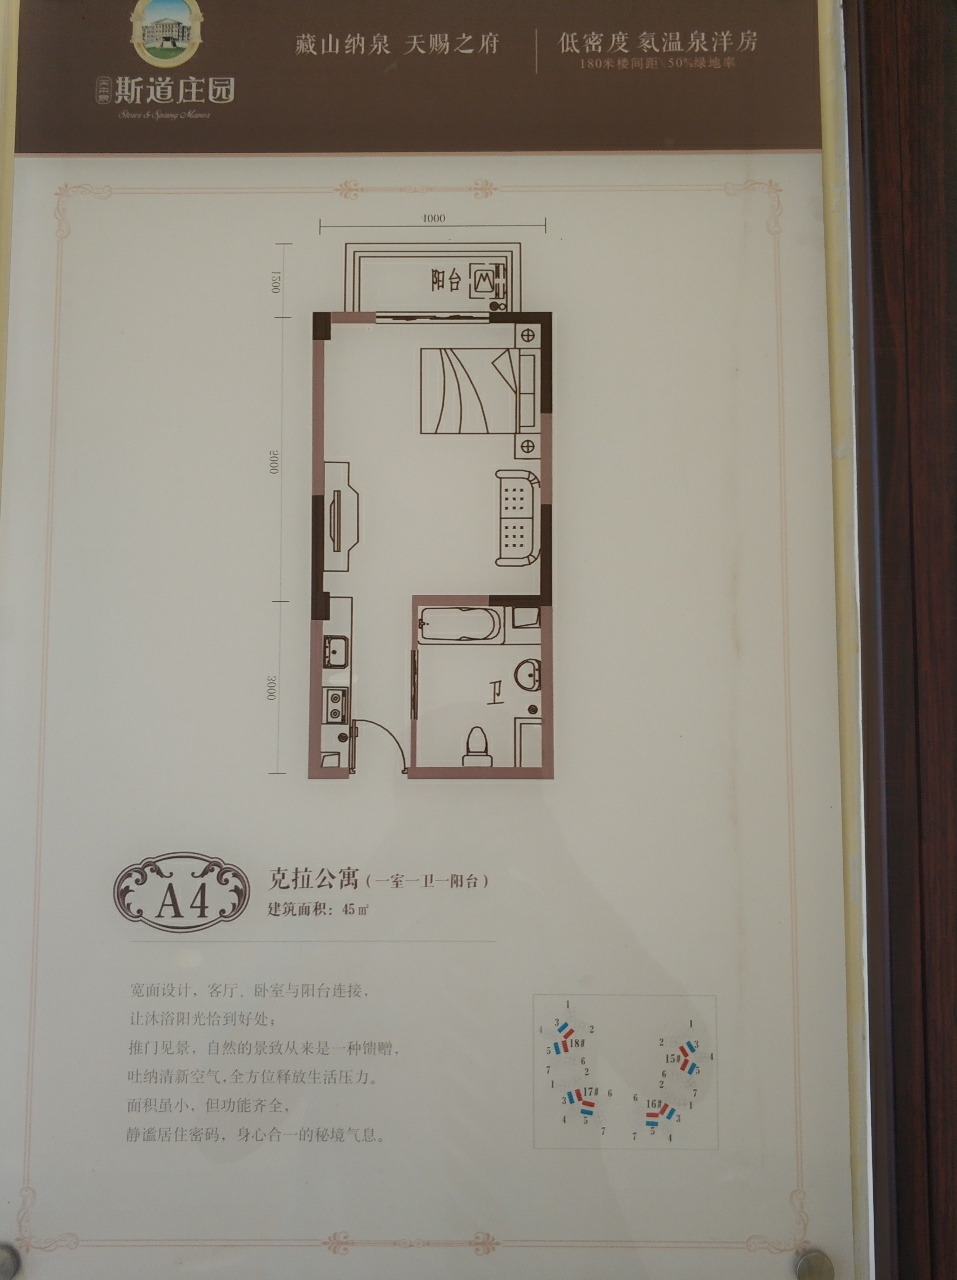 天来泉斯道庄园1室 1厅 1卫55万元